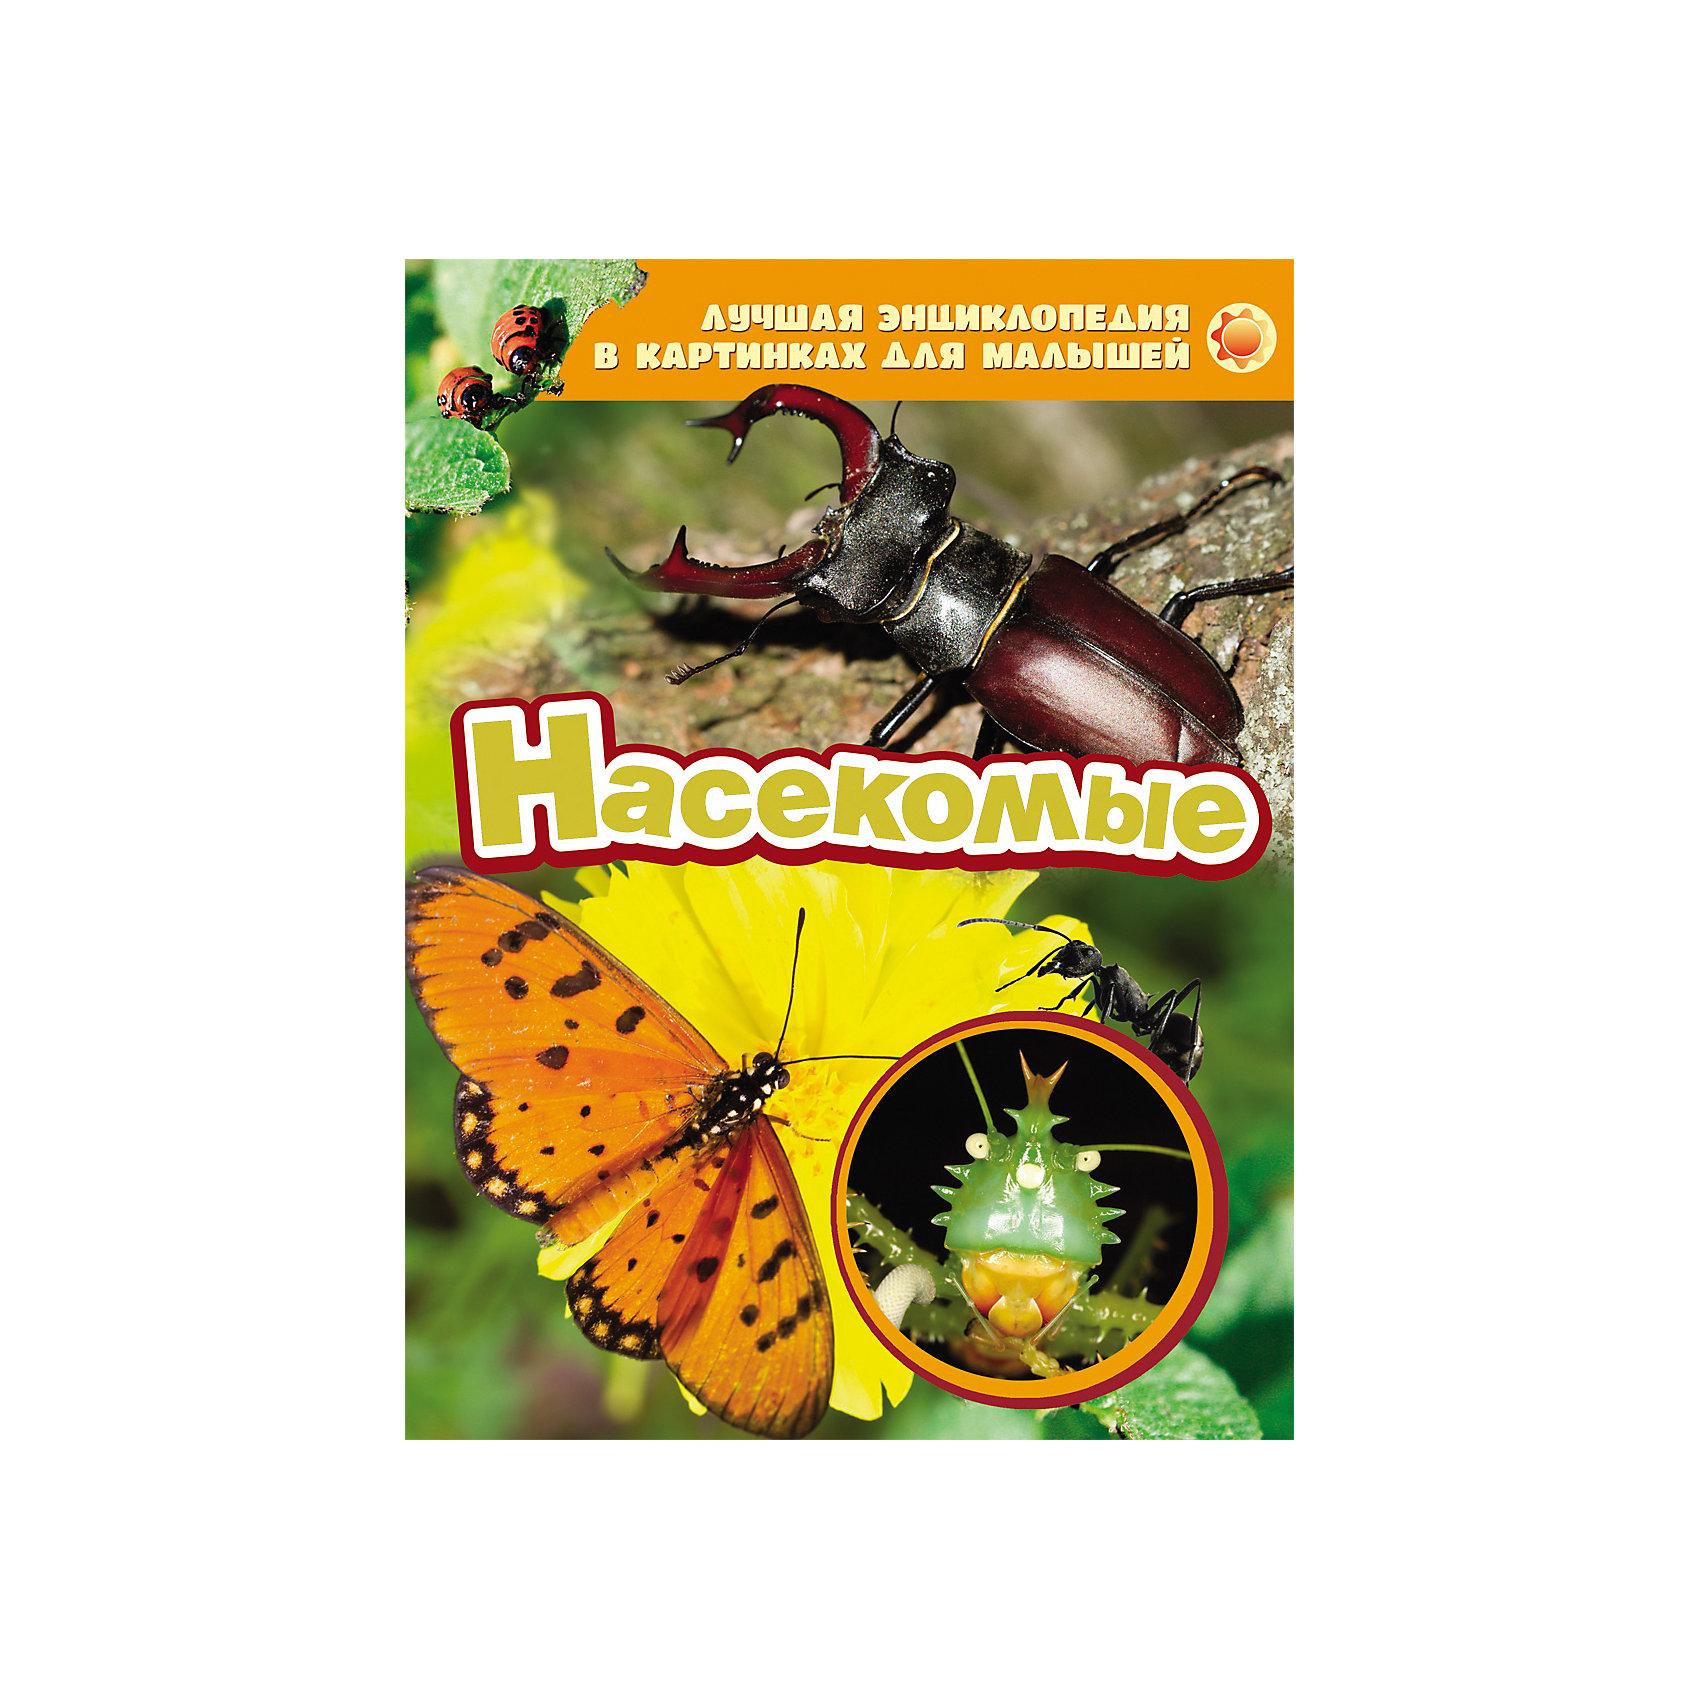 Насекомые, Лучшая энциклопедия в картинках для малышейЭнциклопедия в картинках Насекомые, Росмэн - это замечательная, богато иллюстрированная энциклопедия для самых маленьких, которая познакомит Вашего ребенка с удивительным миром насекомых. Он научится узнавать насекомых по их внешнему виду, узнает интересные подробности и факты о них. Книга оформлена красочными иллюстрациями и фотографиями.<br><br>Дополнительная информация:<br><br>- Серия: Лучшая энциклопедия в картинках для малышей.<br>- Иллюстрации: цветные.<br>- Обложка: твердая.<br>- Объем: 24 стр.<br>- Формат: 26,5 x 20,5 х 0,5 см.<br>- Вес: 0,285 кг.<br><br>Энциклопедию в картинках Насекомые, Росмэн можно купить в нашем интернет-магазине.<br><br>Ширина мм: 265<br>Глубина мм: 205<br>Высота мм: 5<br>Вес г: 285<br>Возраст от месяцев: 36<br>Возраст до месяцев: 84<br>Пол: Унисекс<br>Возраст: Детский<br>SKU: 4046781